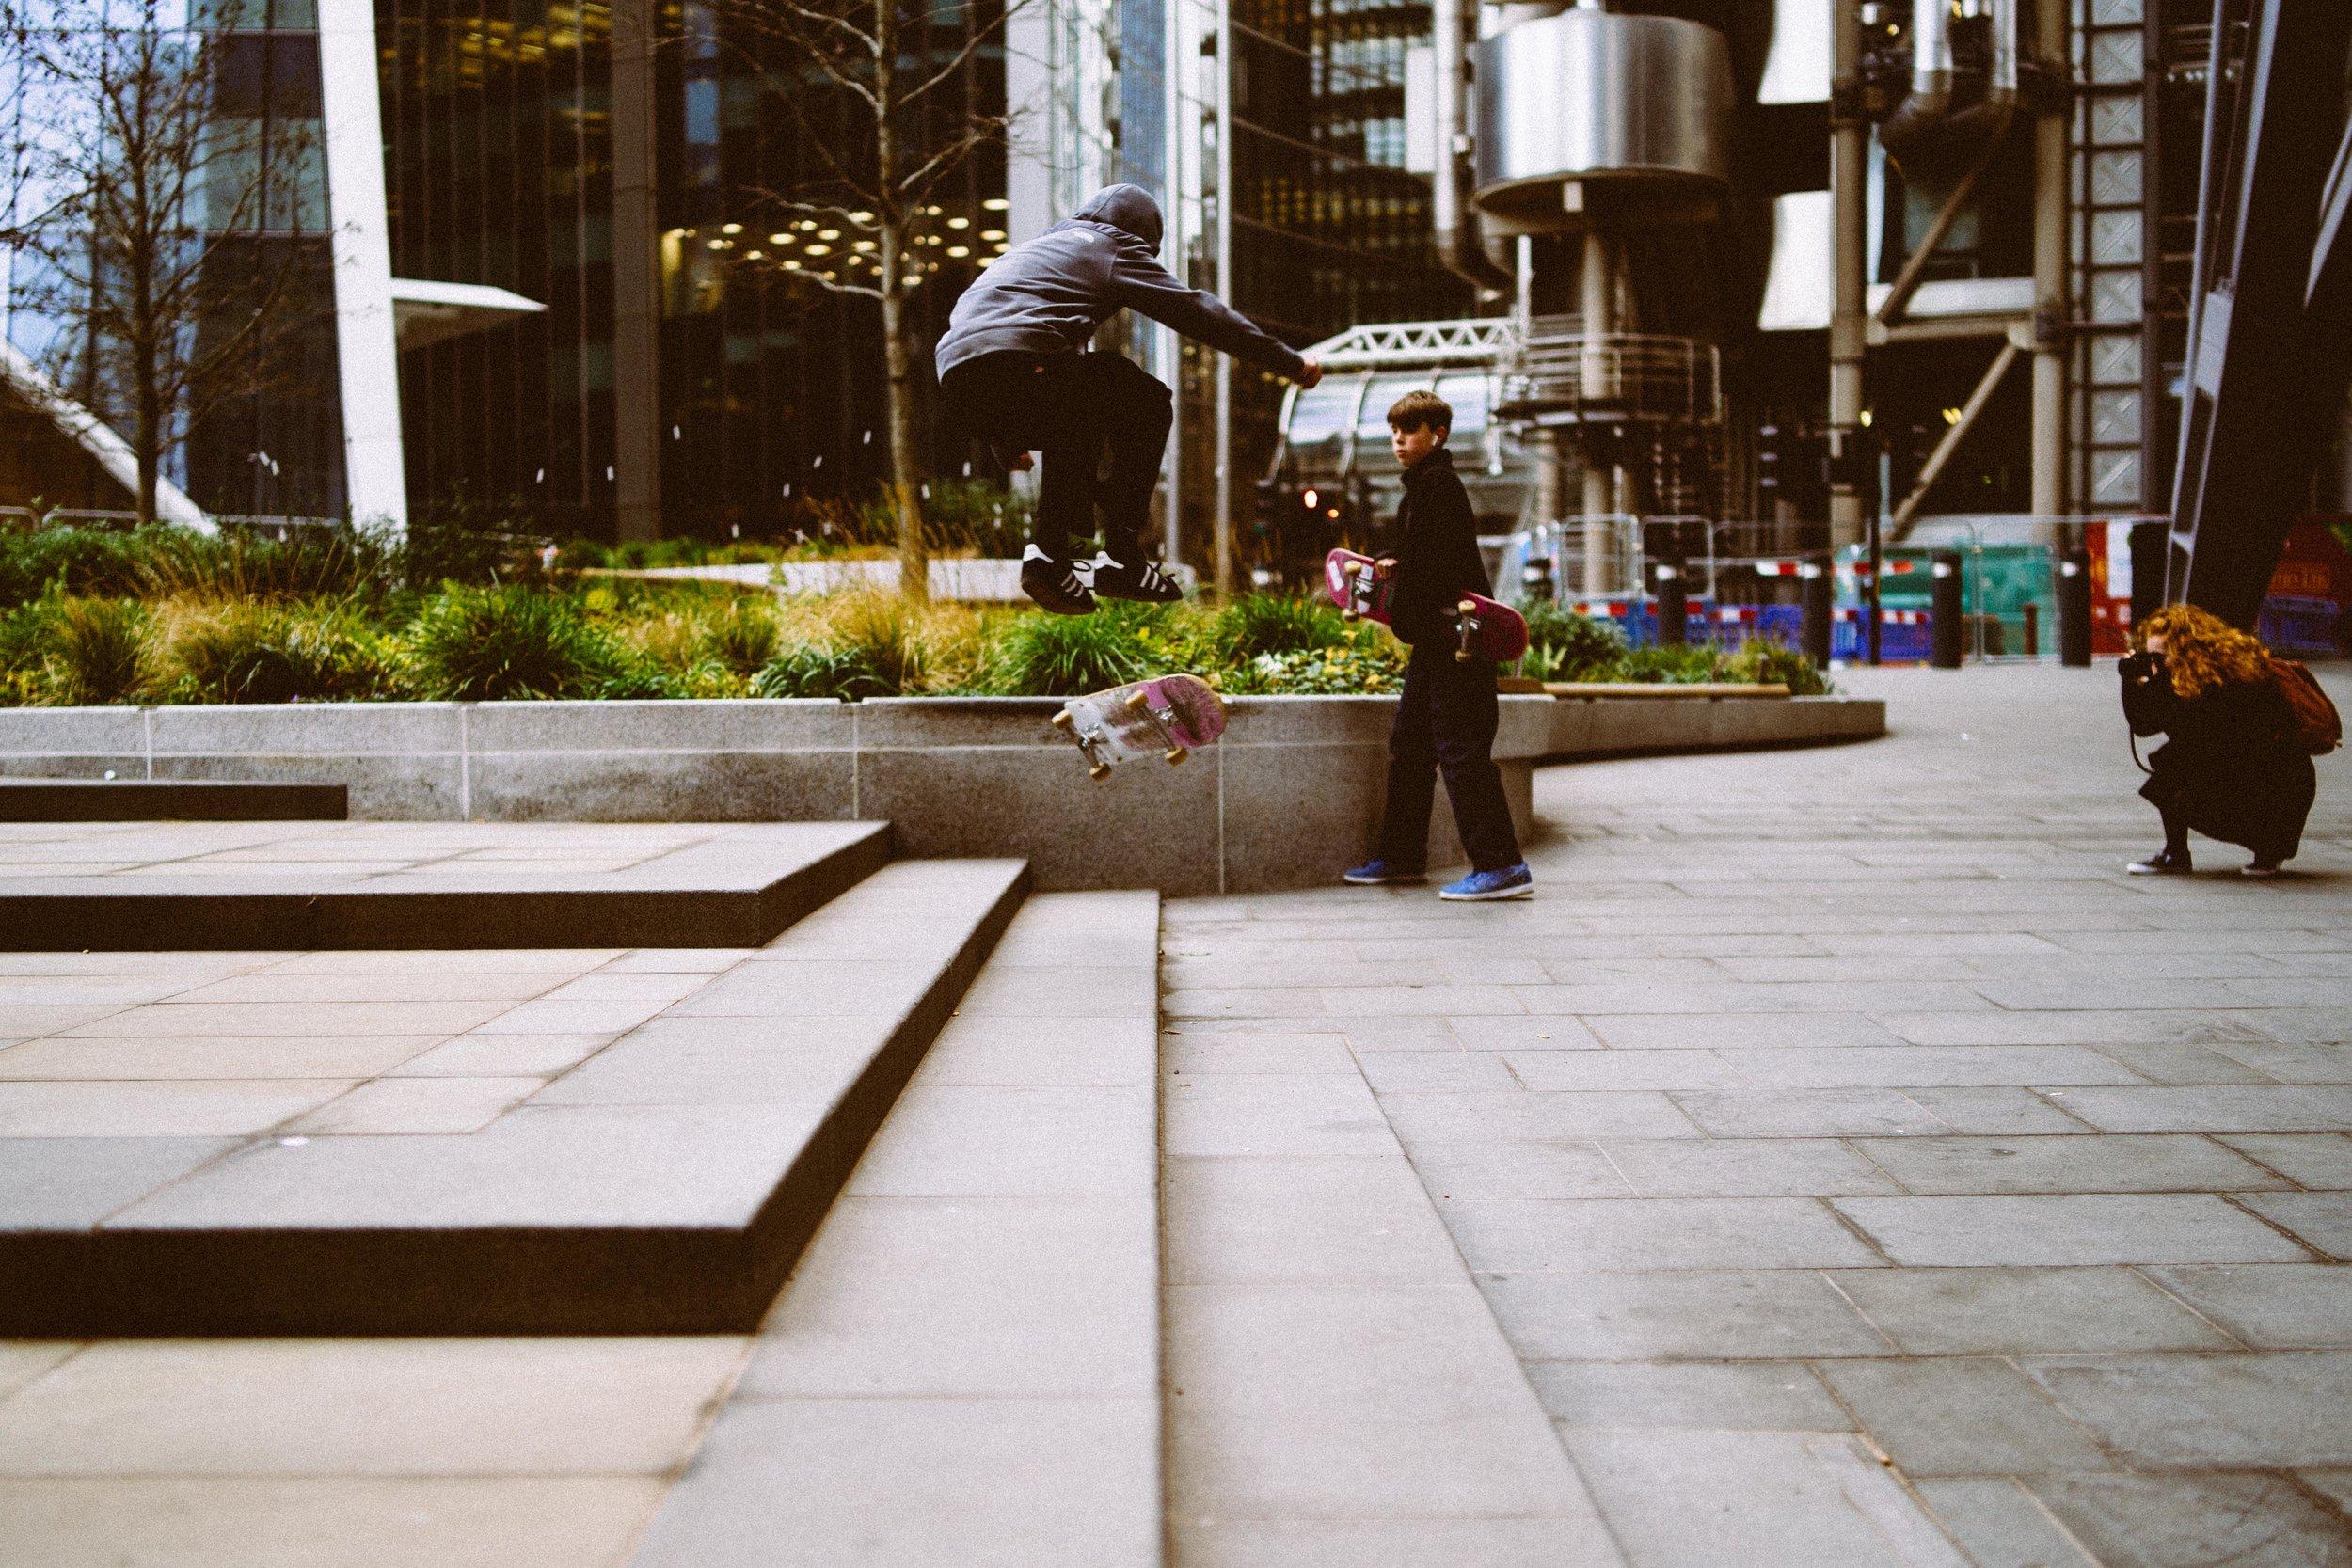 london-105901.jpg